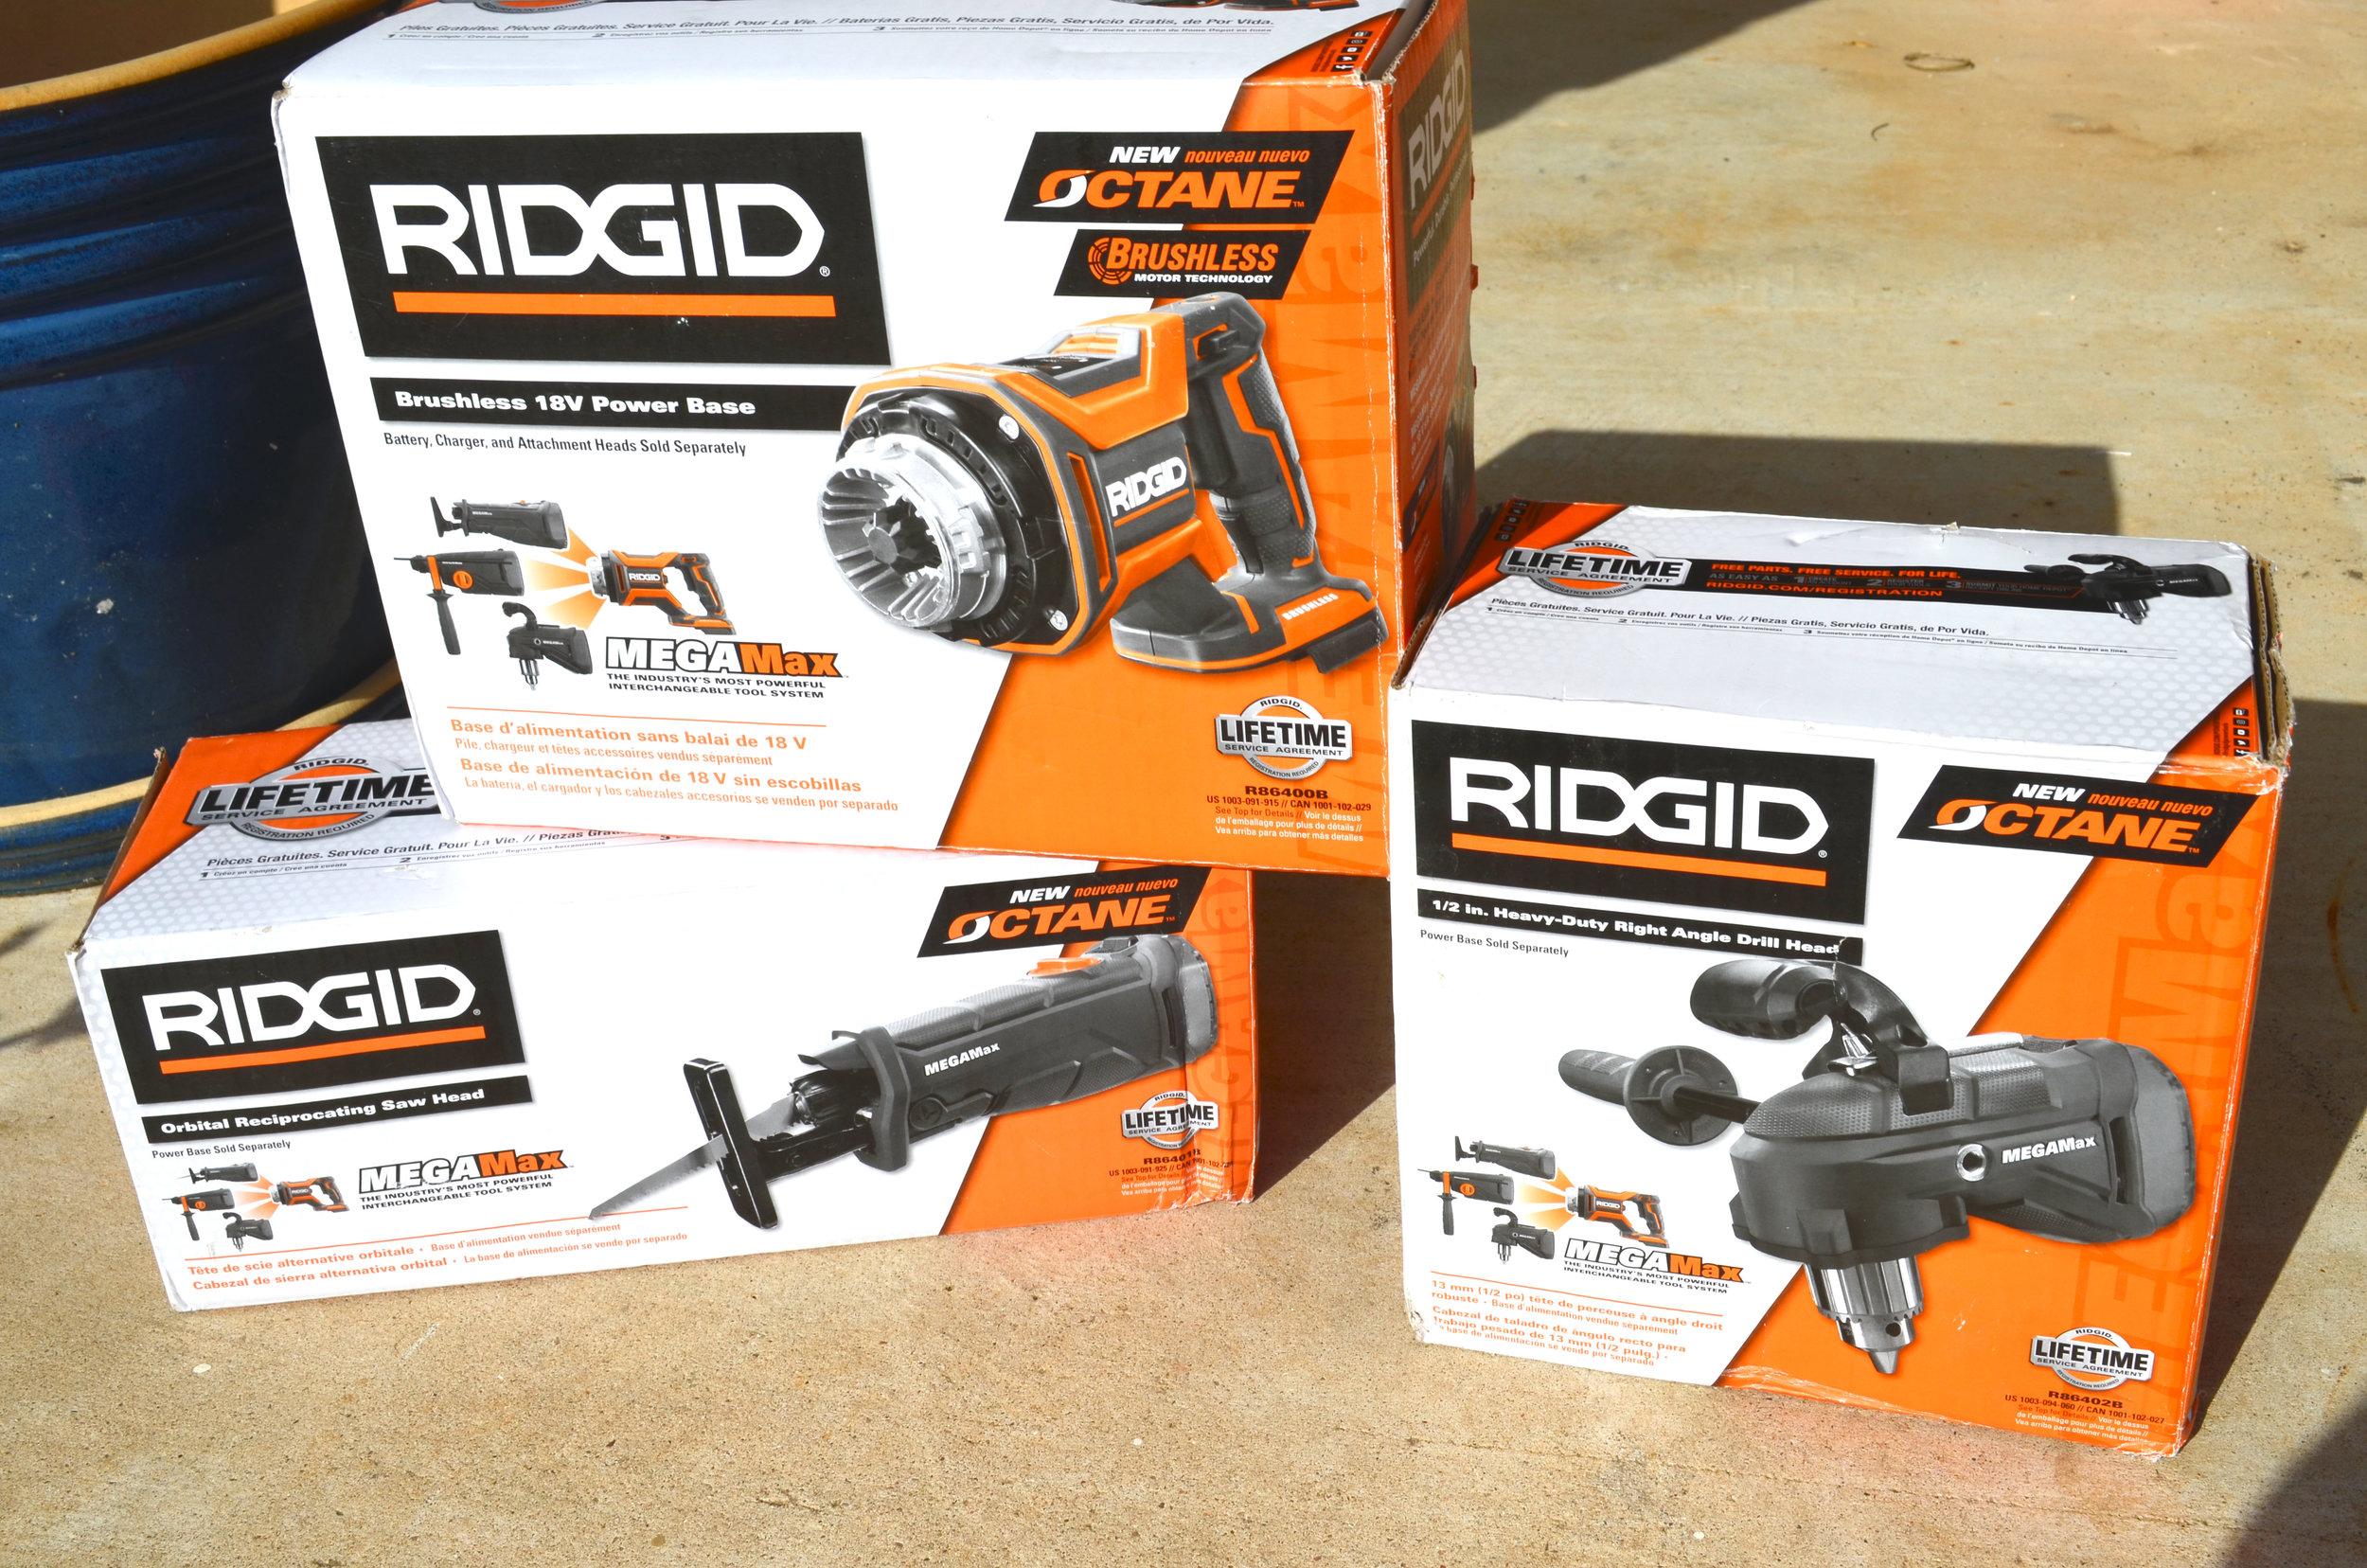 ridgid-megamax-3-in-1-multi-tool.jpg